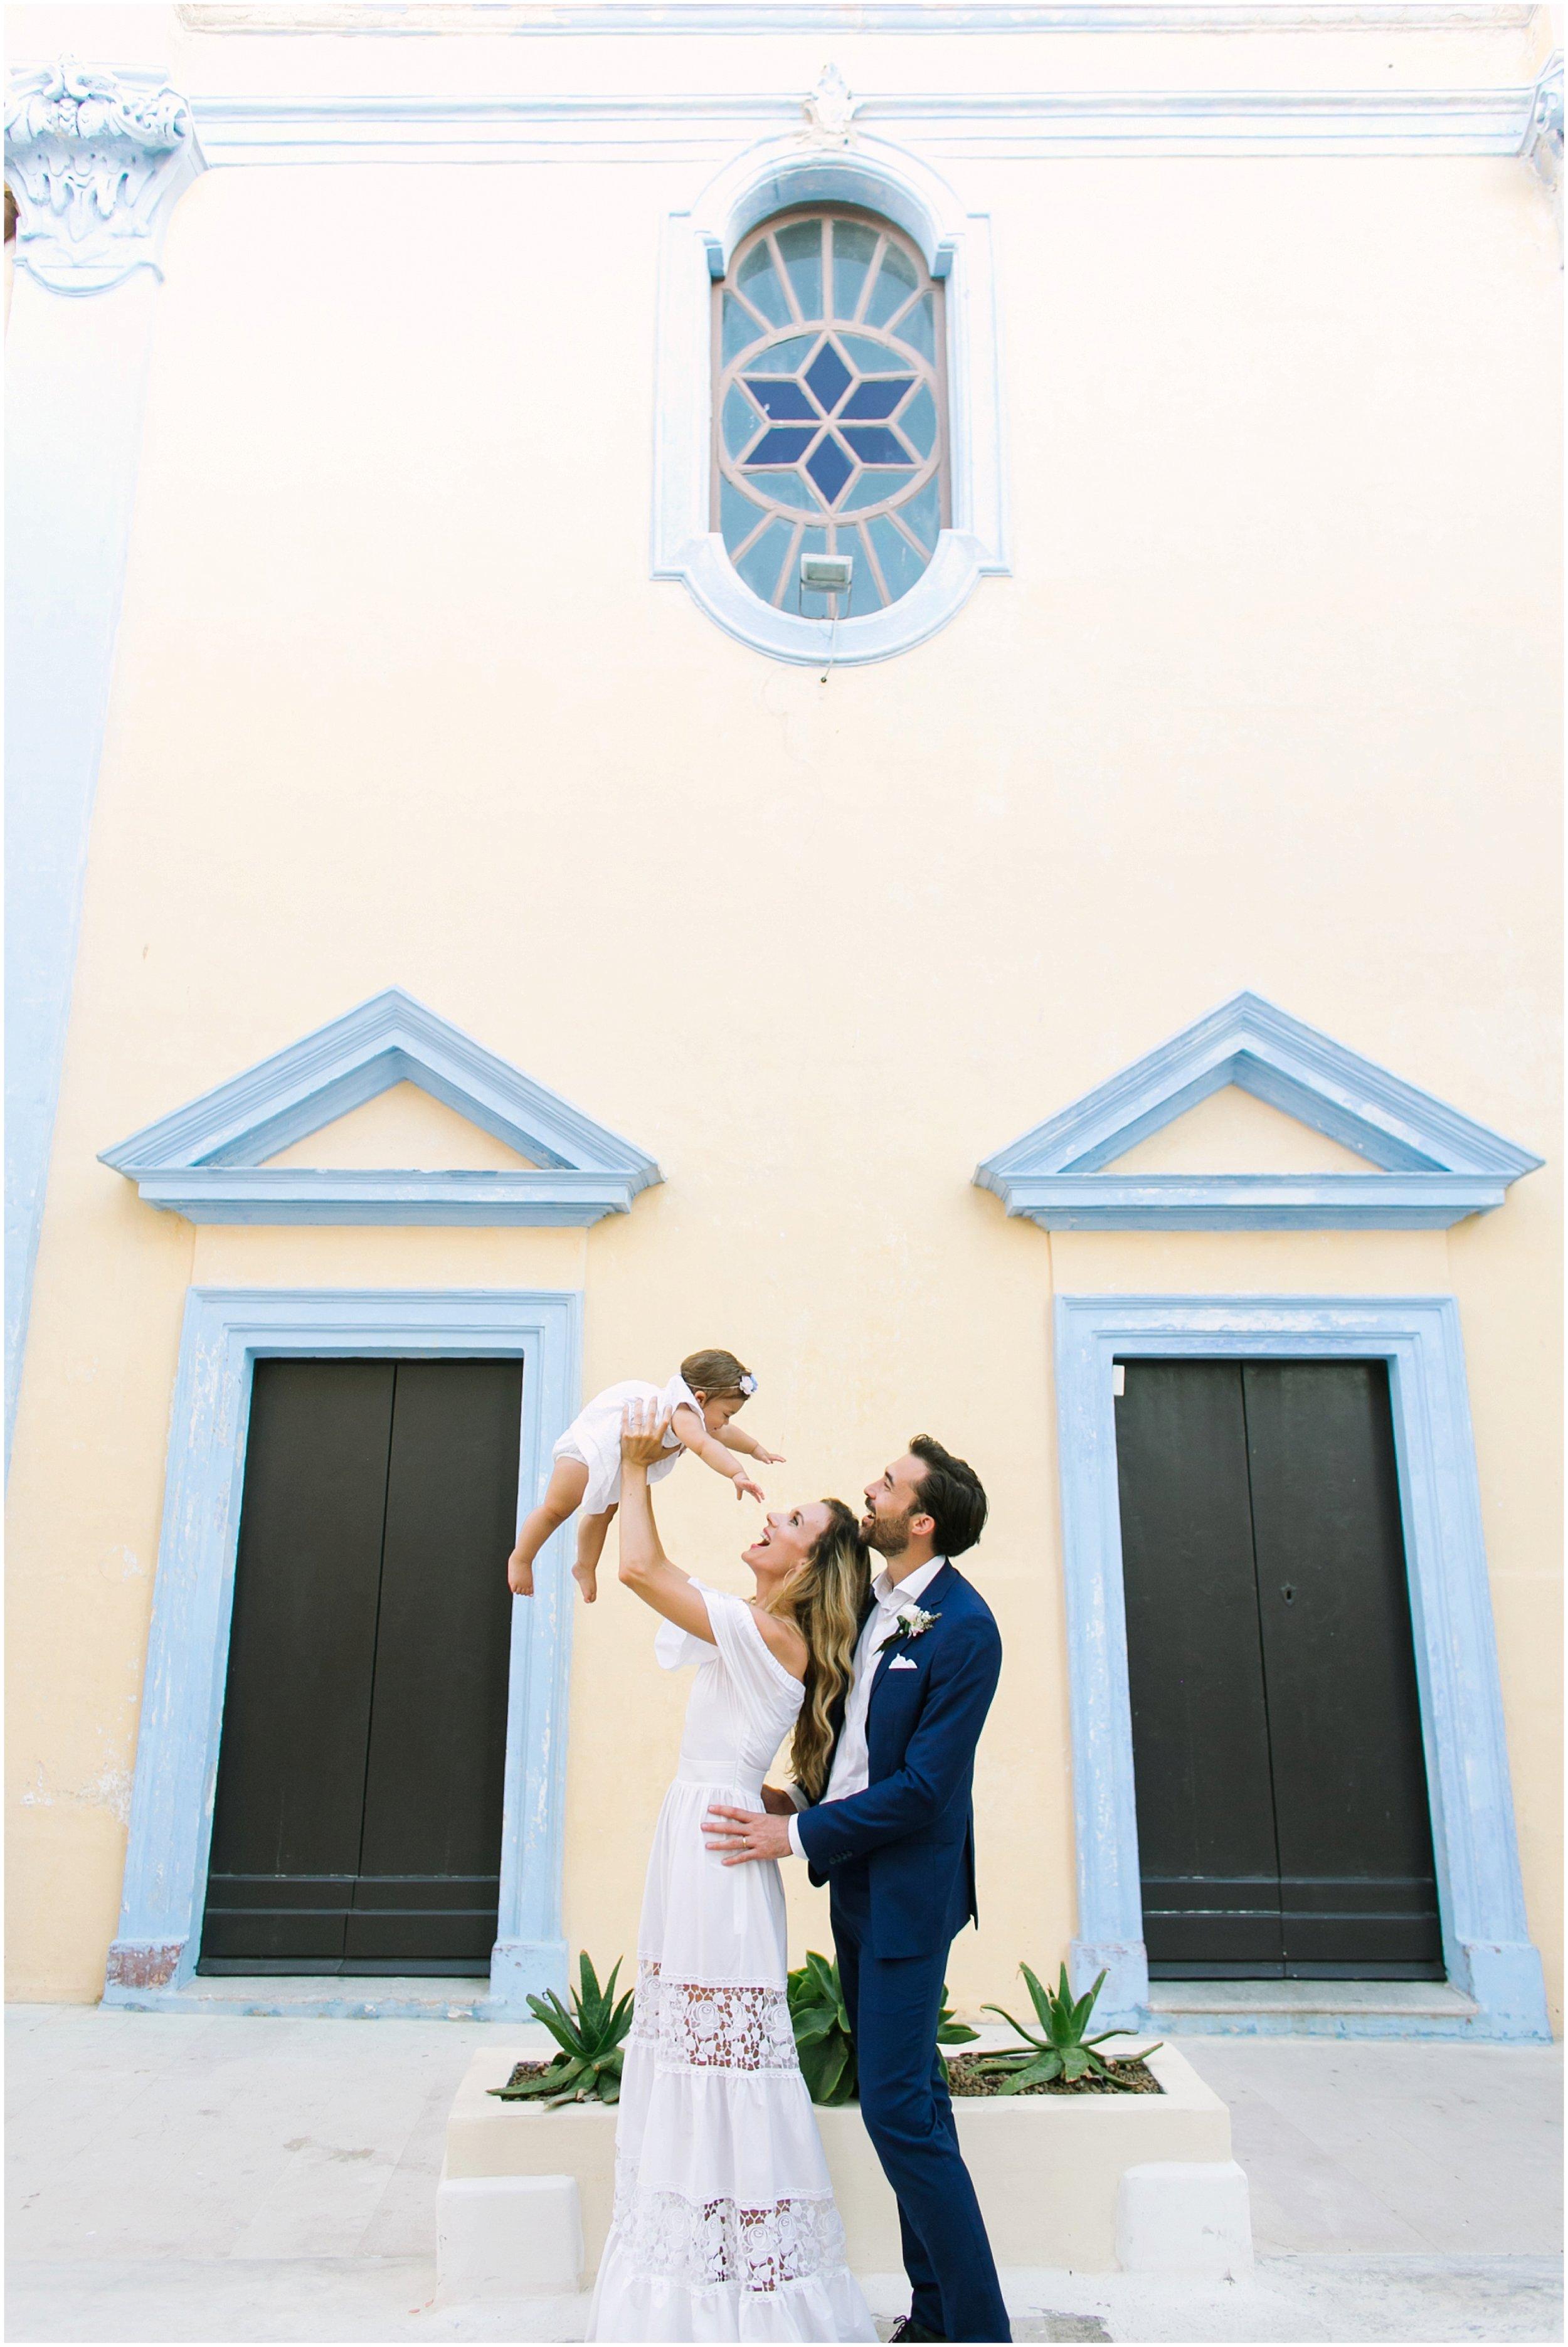 Alea Lovely Destination Wedding Photographer Italy_0038.jpg